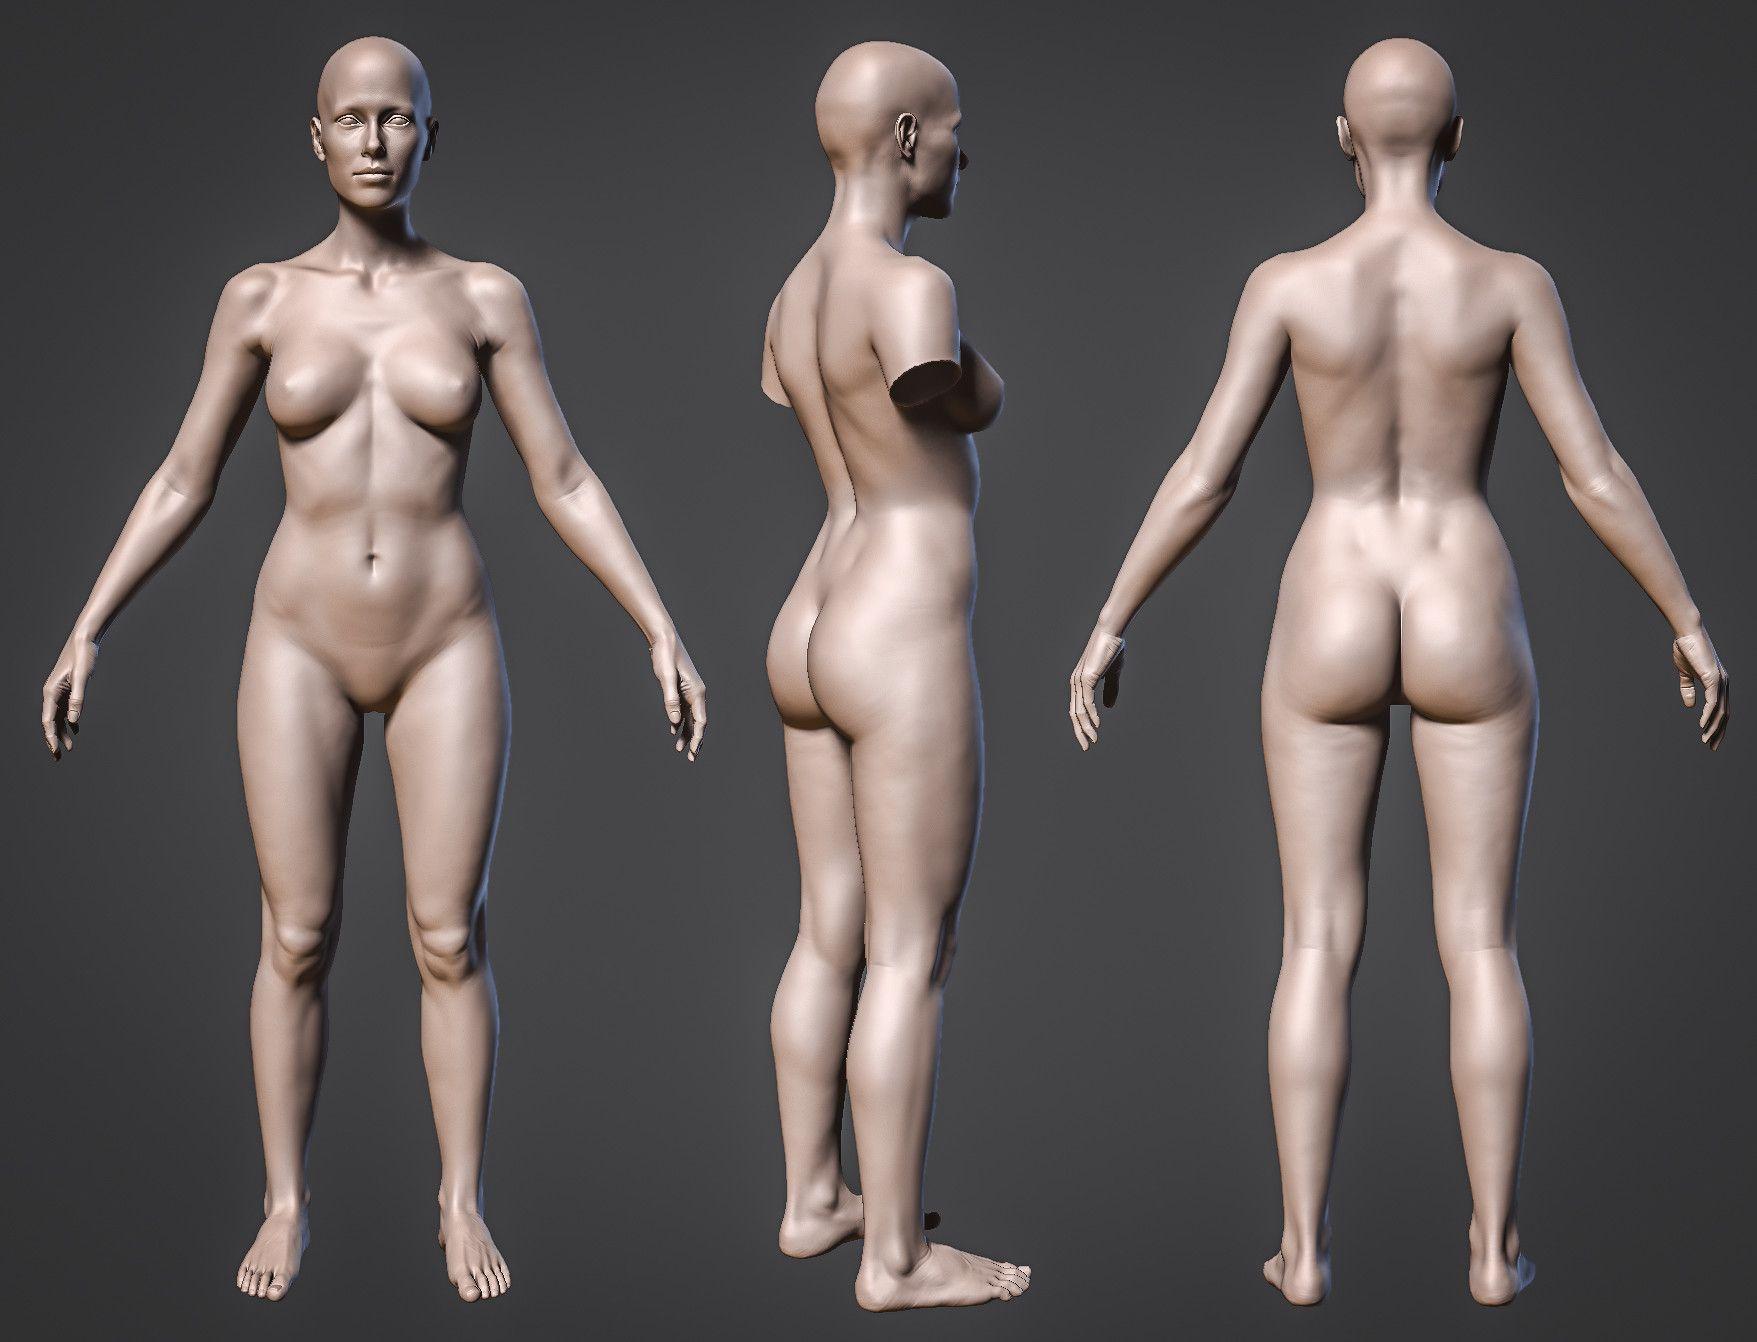 Naked Photo Models